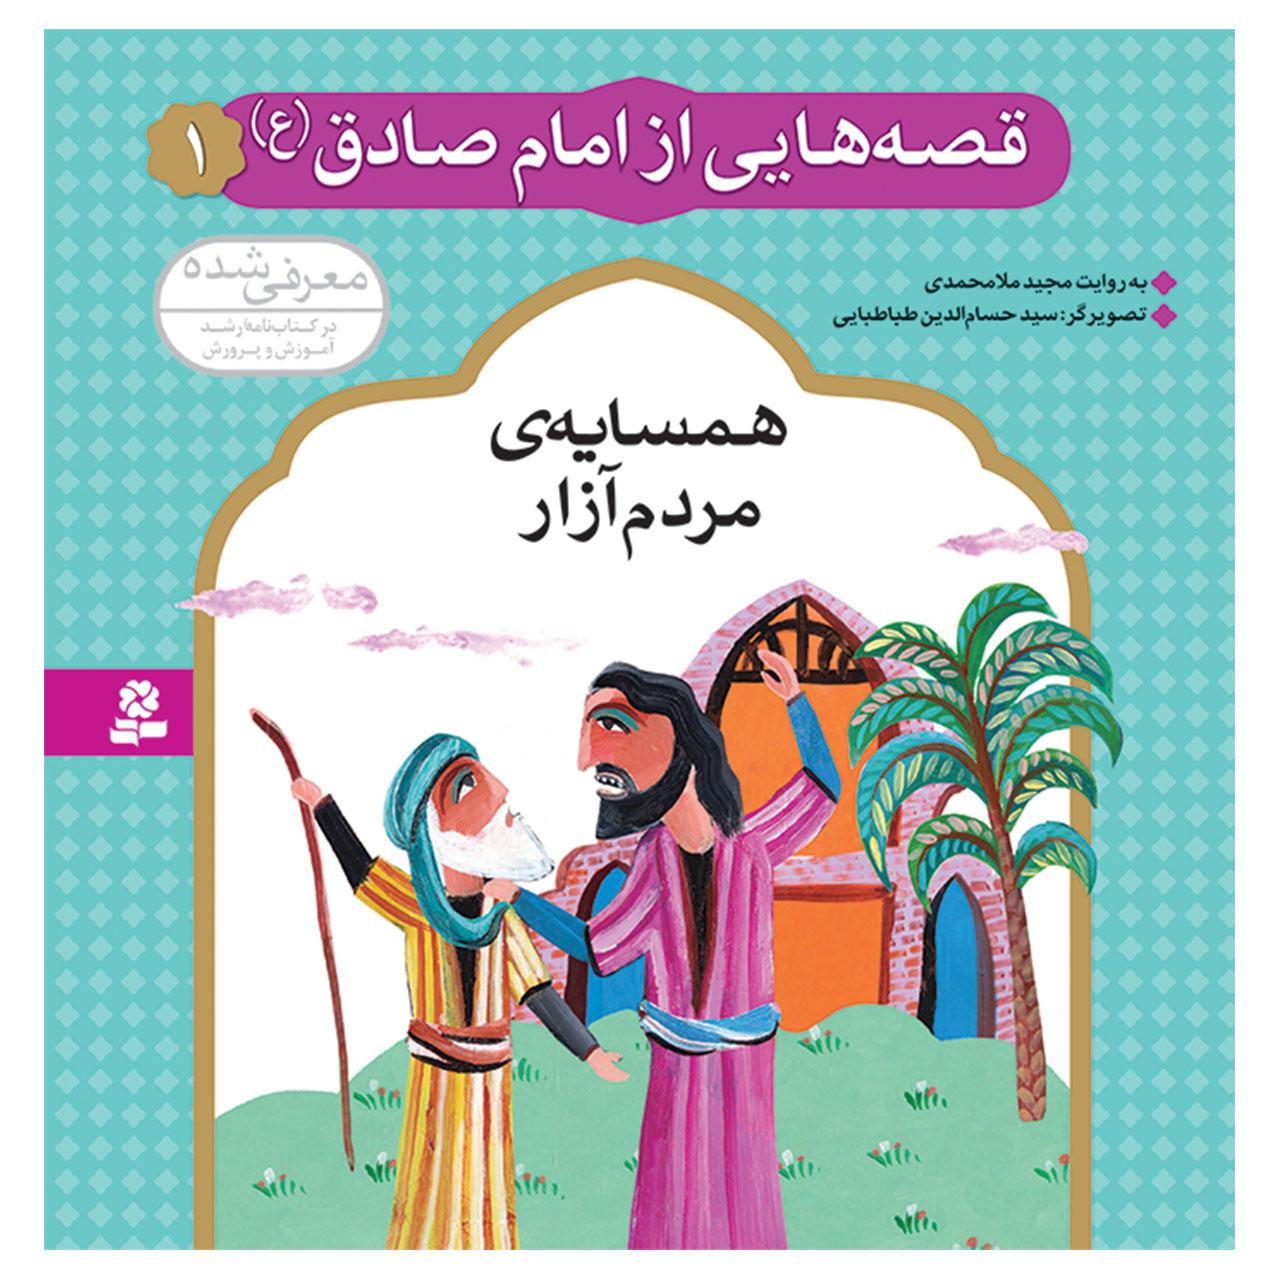 خرید                      کتاب قصه هایی از امام صادق (ع) 1 همسایه ی مردم آزار اثر مجید ملامحمدی انتشارات قدیانی